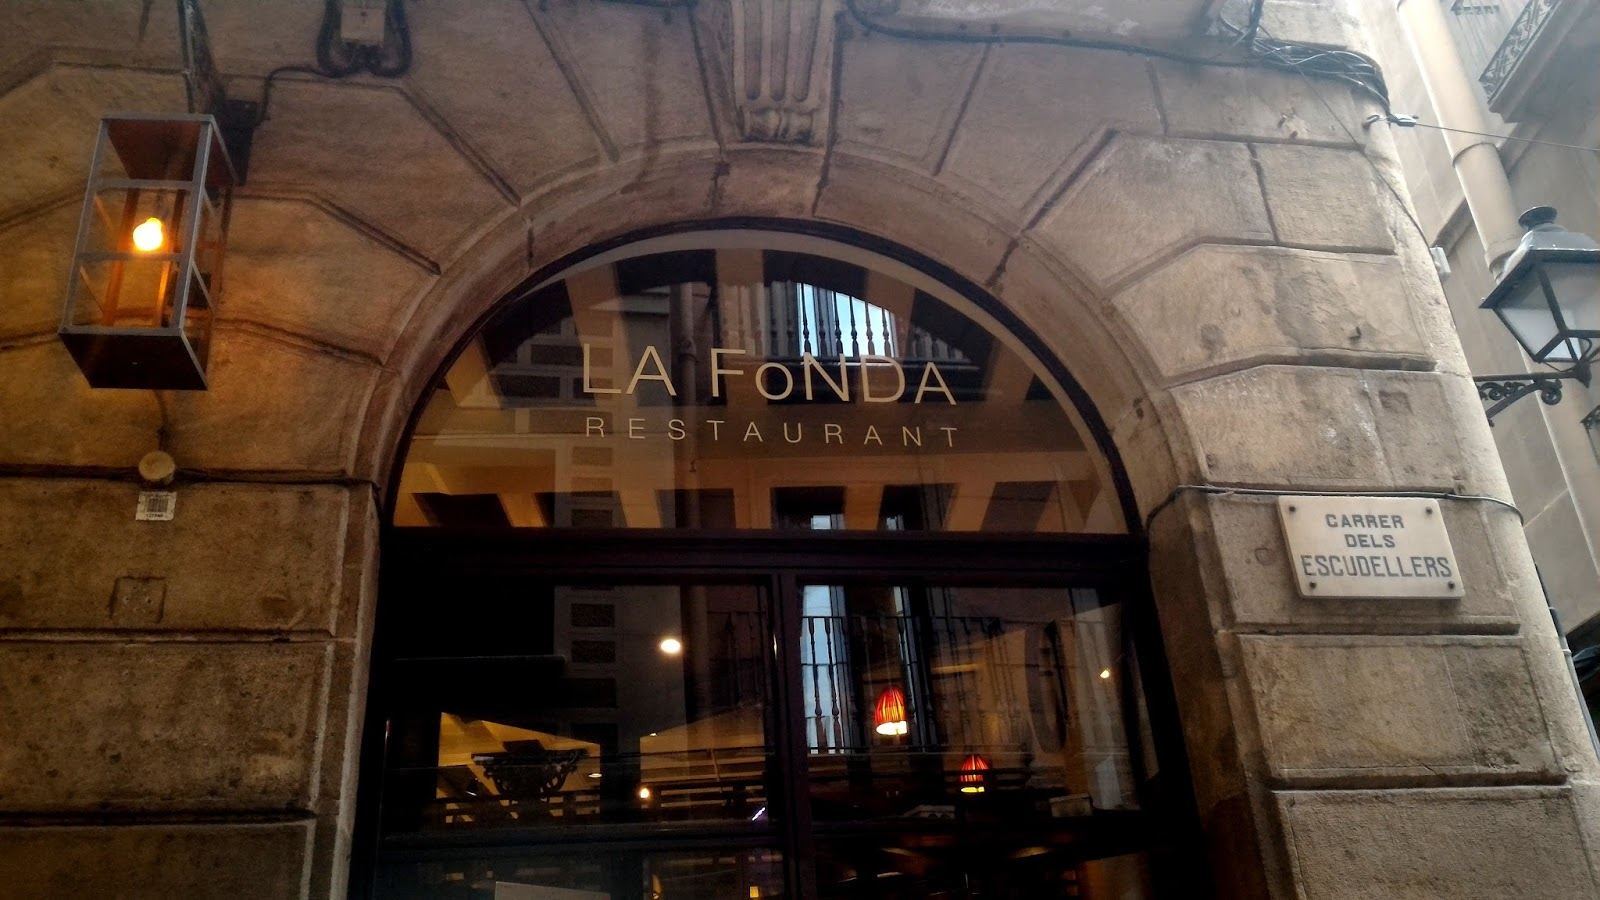 P 20160829 192950 - 【巴塞隆納】La Fonda 便宜親民,CP值超高的西班牙餐廳